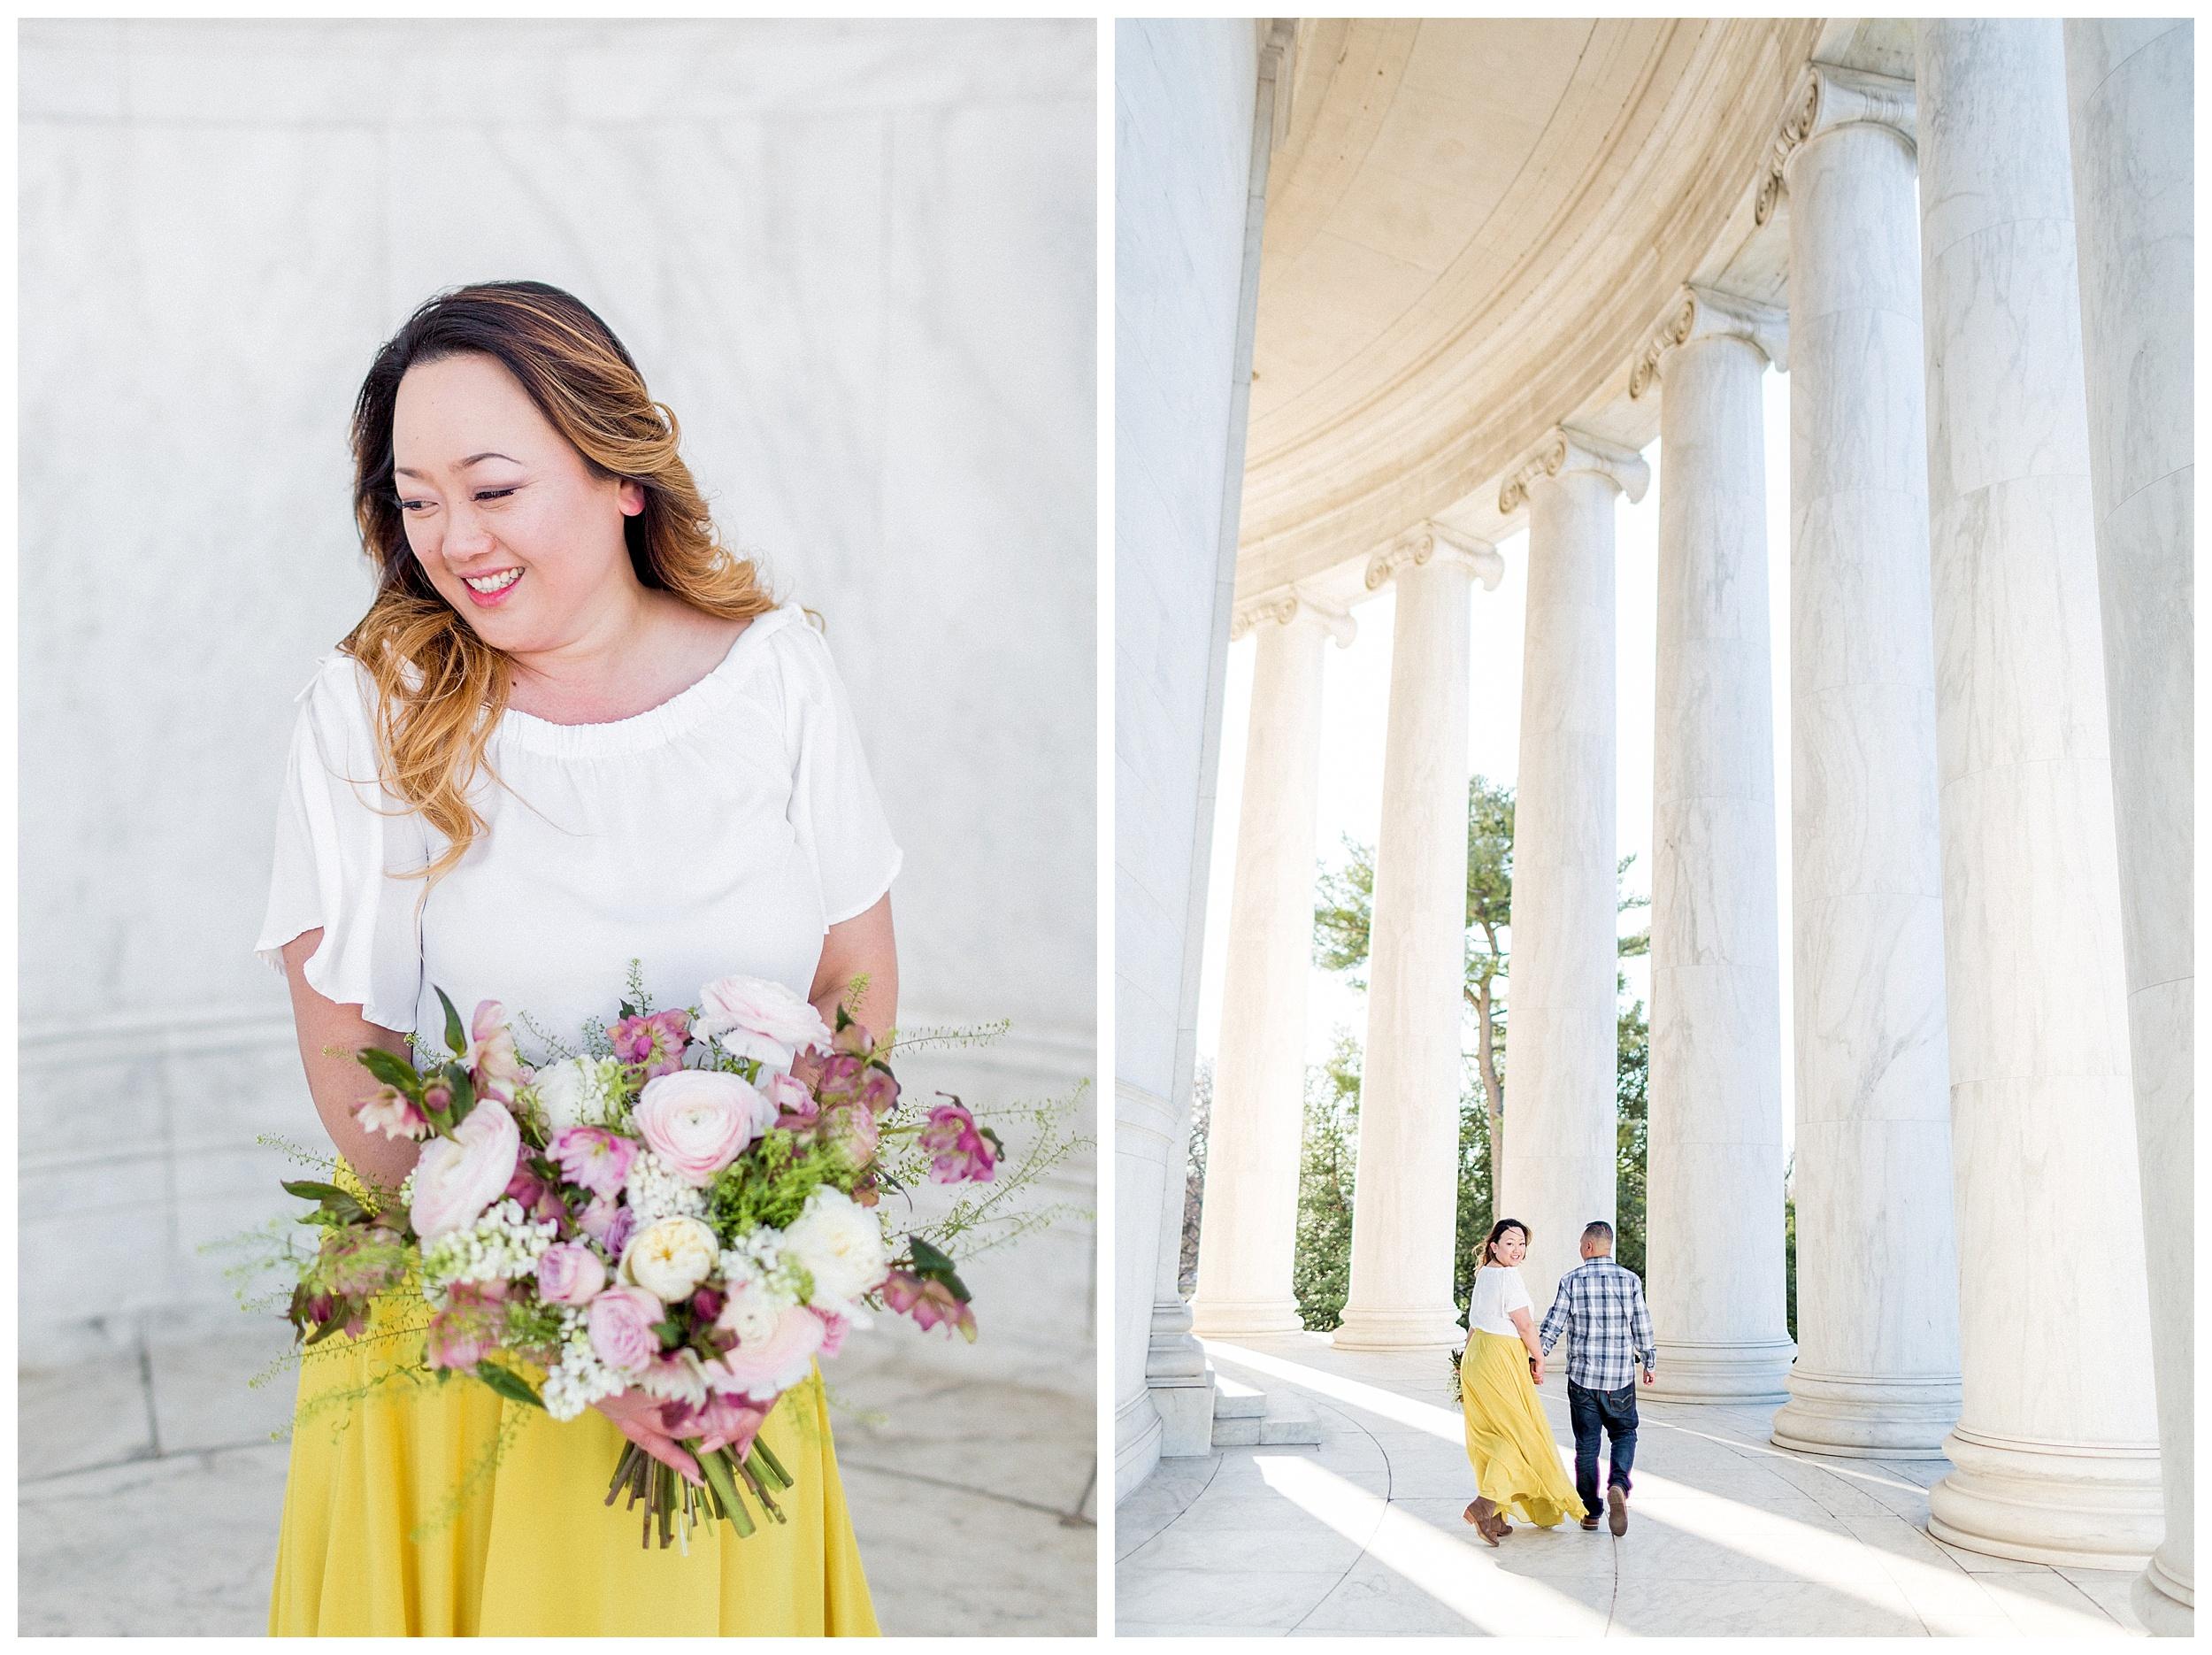 Washington DC Engagement Photos | Thomas Jefferson Engagement Session_0014.jpg